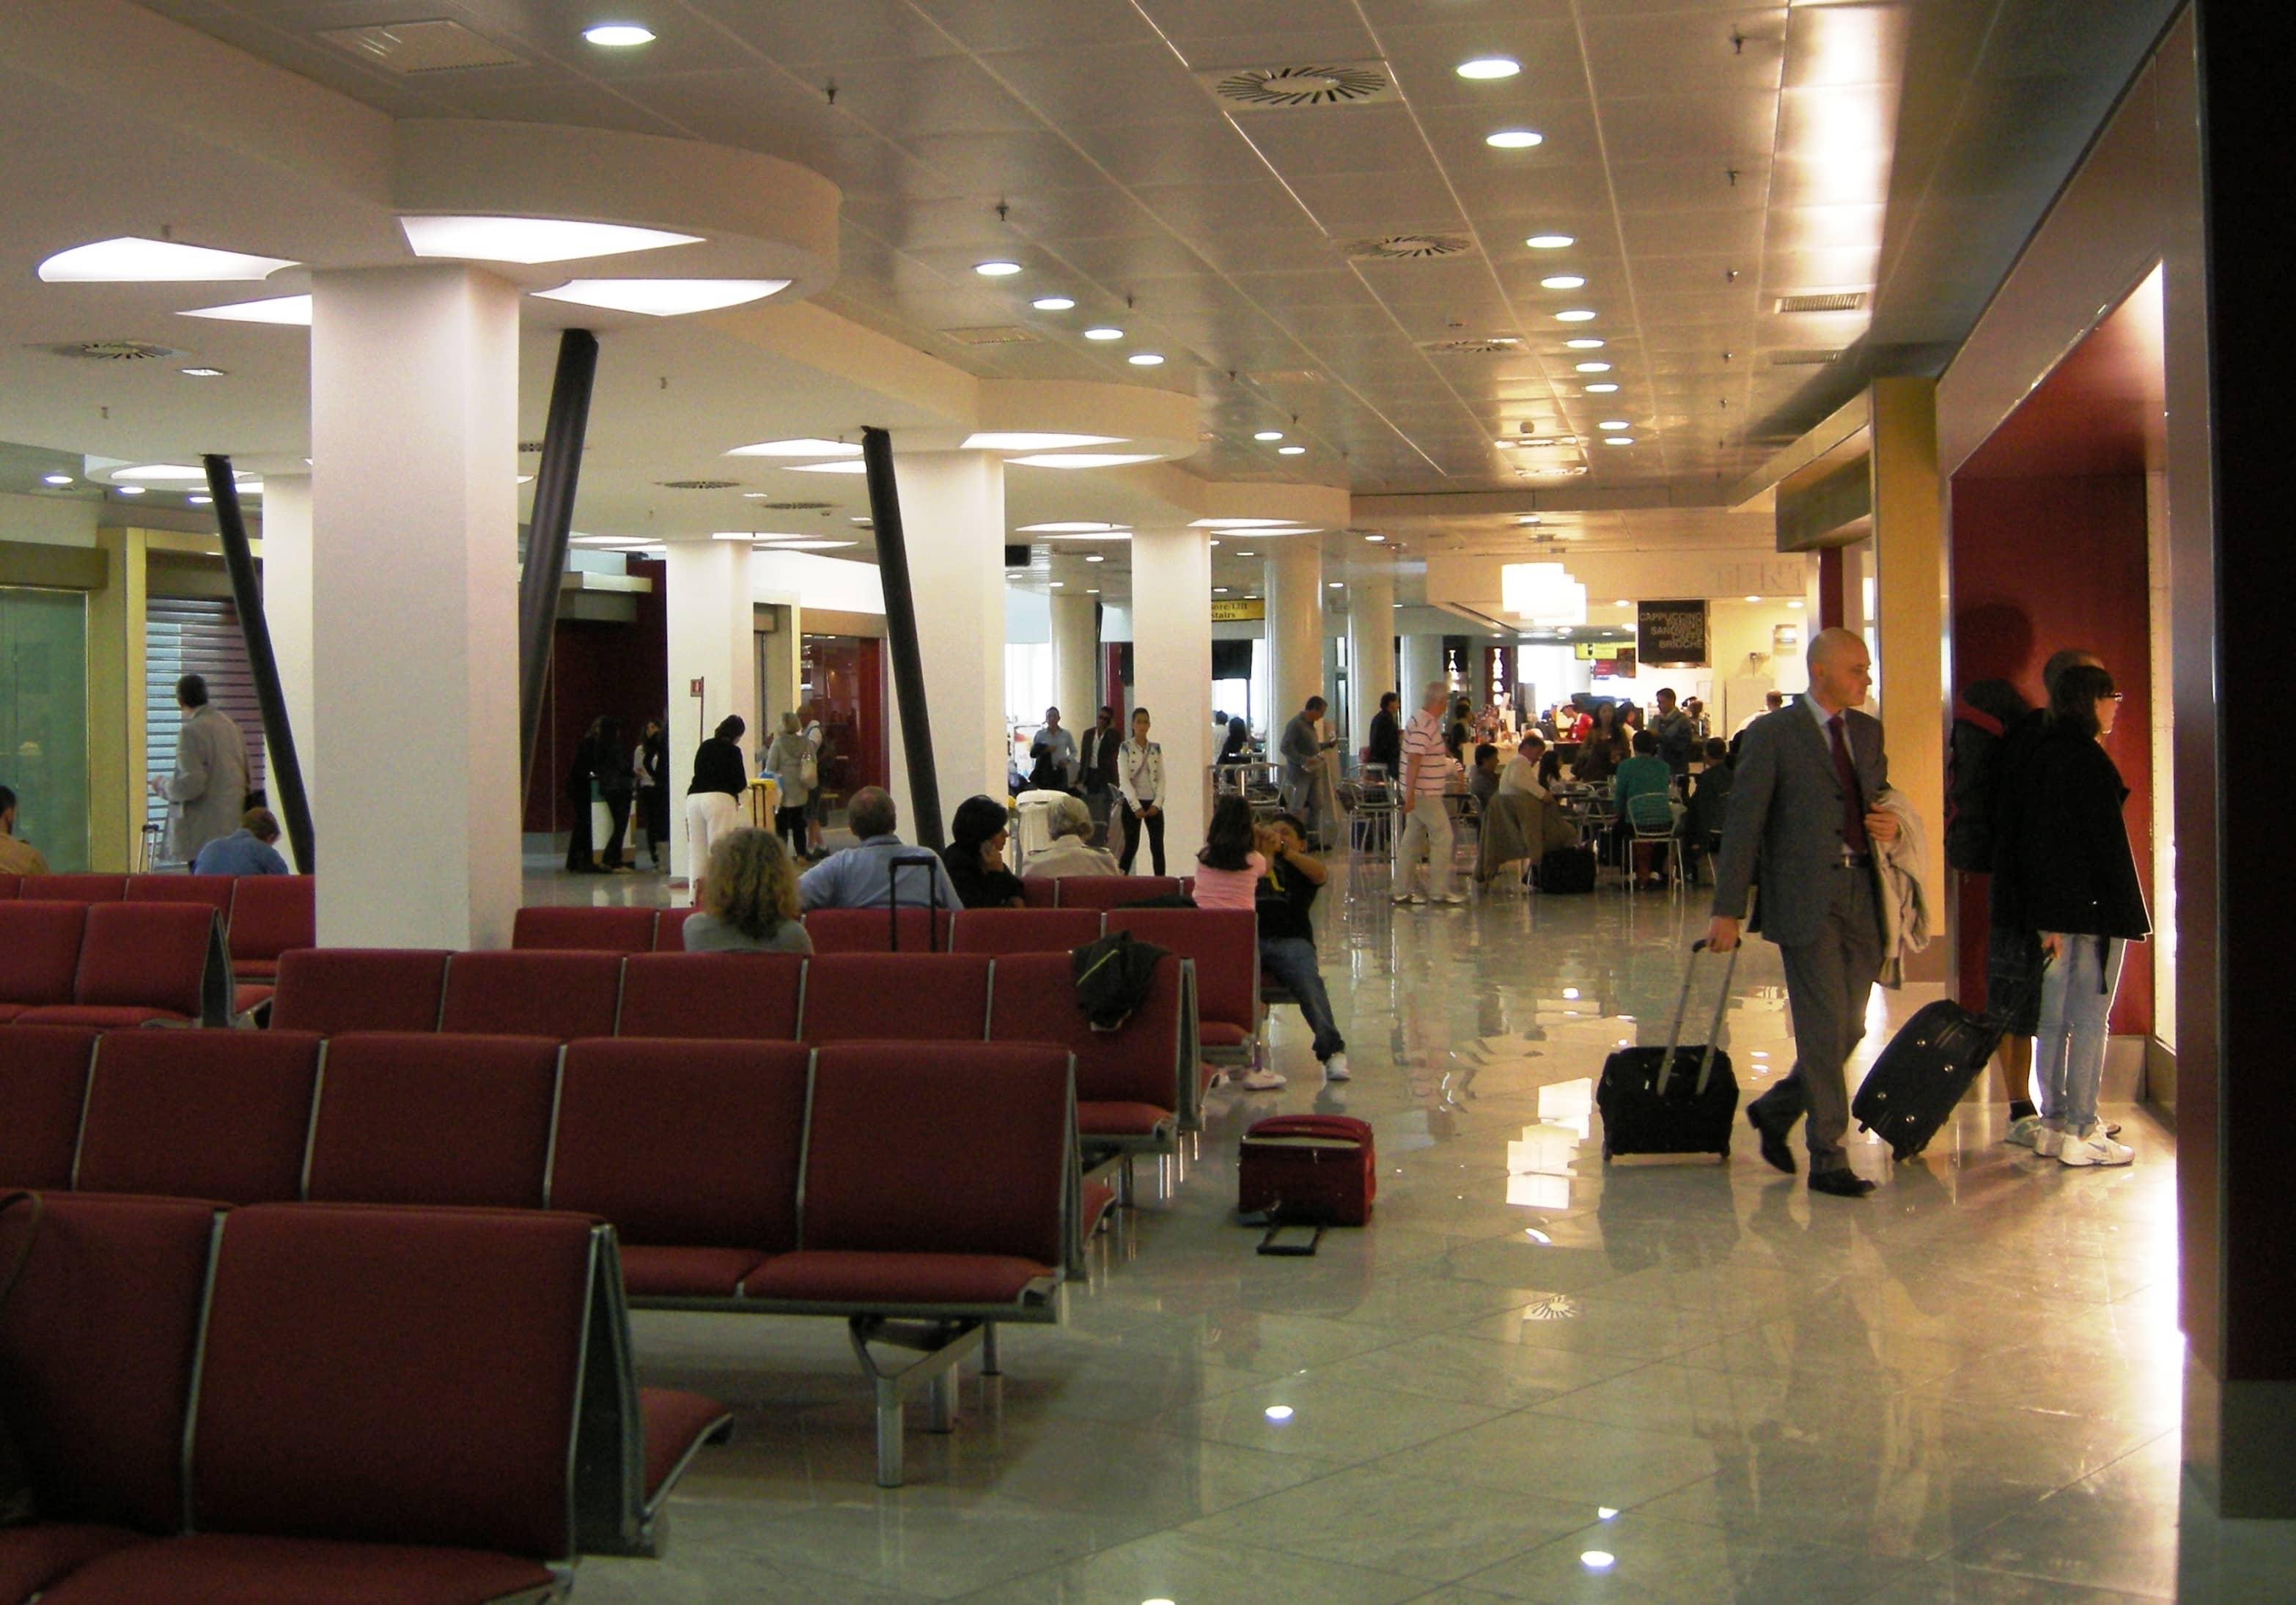 Aeroporto Capodichino : Aeroporto di napoli jones lang lasalle rinnoverà tutto il